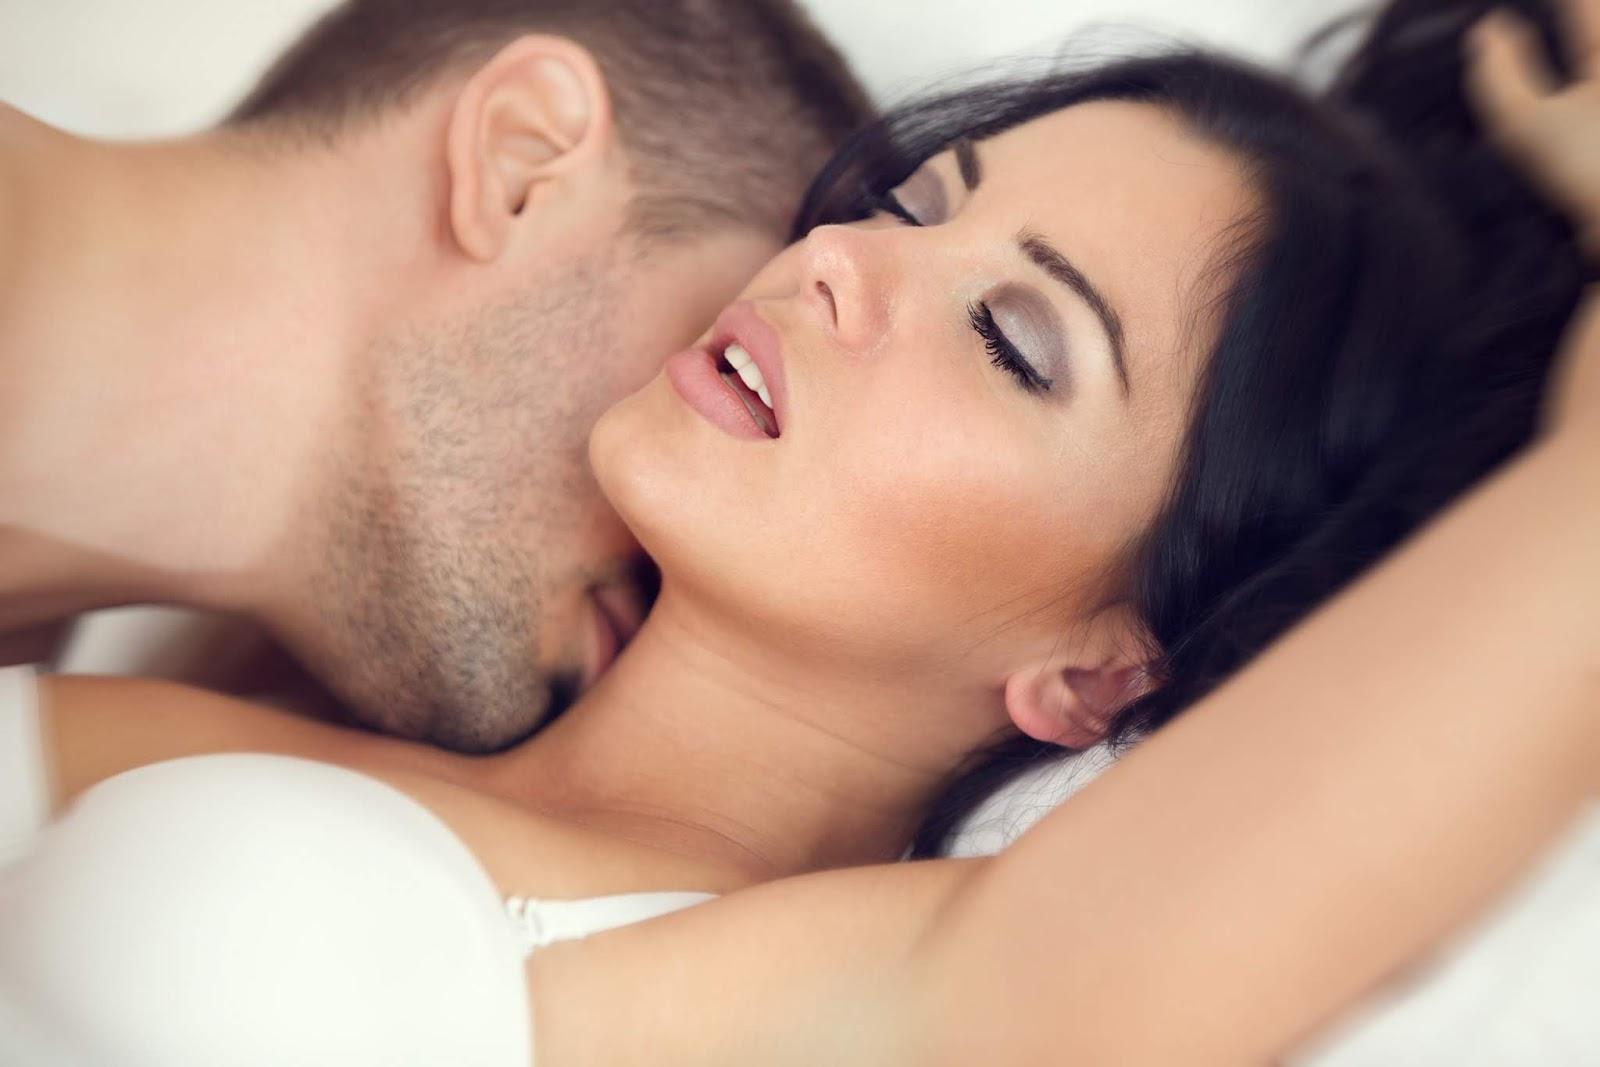 Эротическая история как я лишился девственности, Женский рассказ о потере девственности - порно рассказ 7 фотография